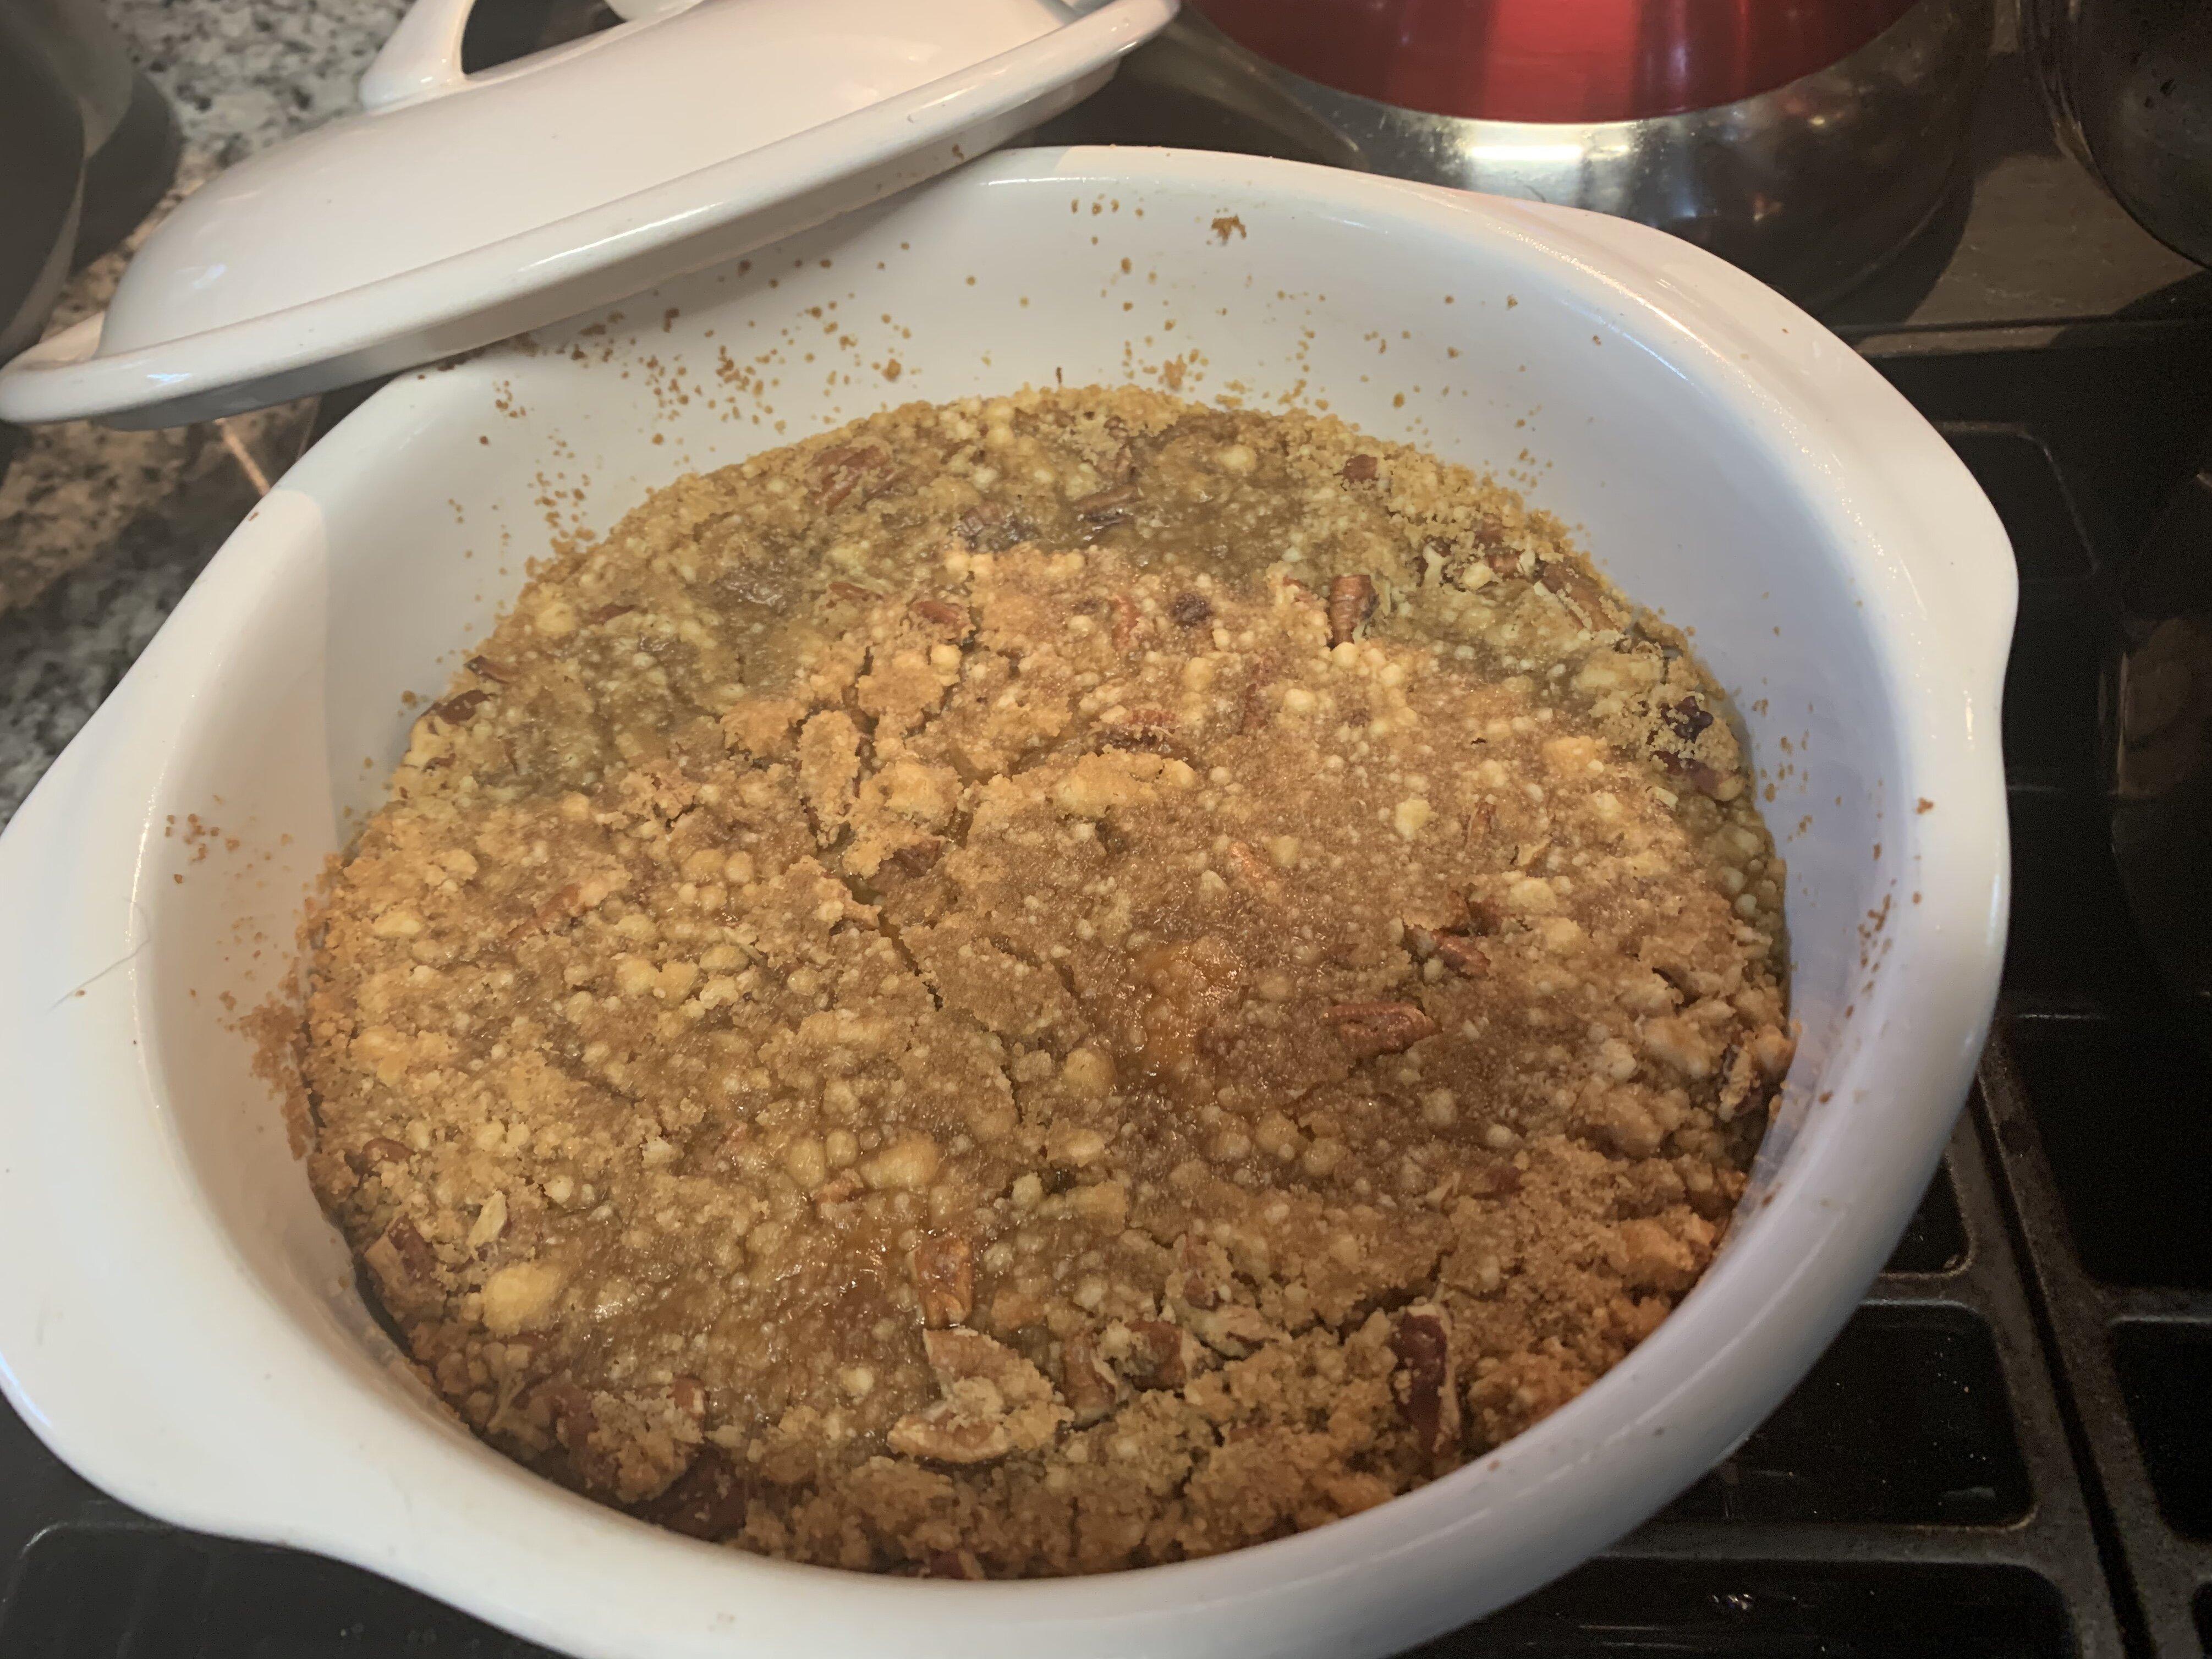 mashed sweet potato bake recipe